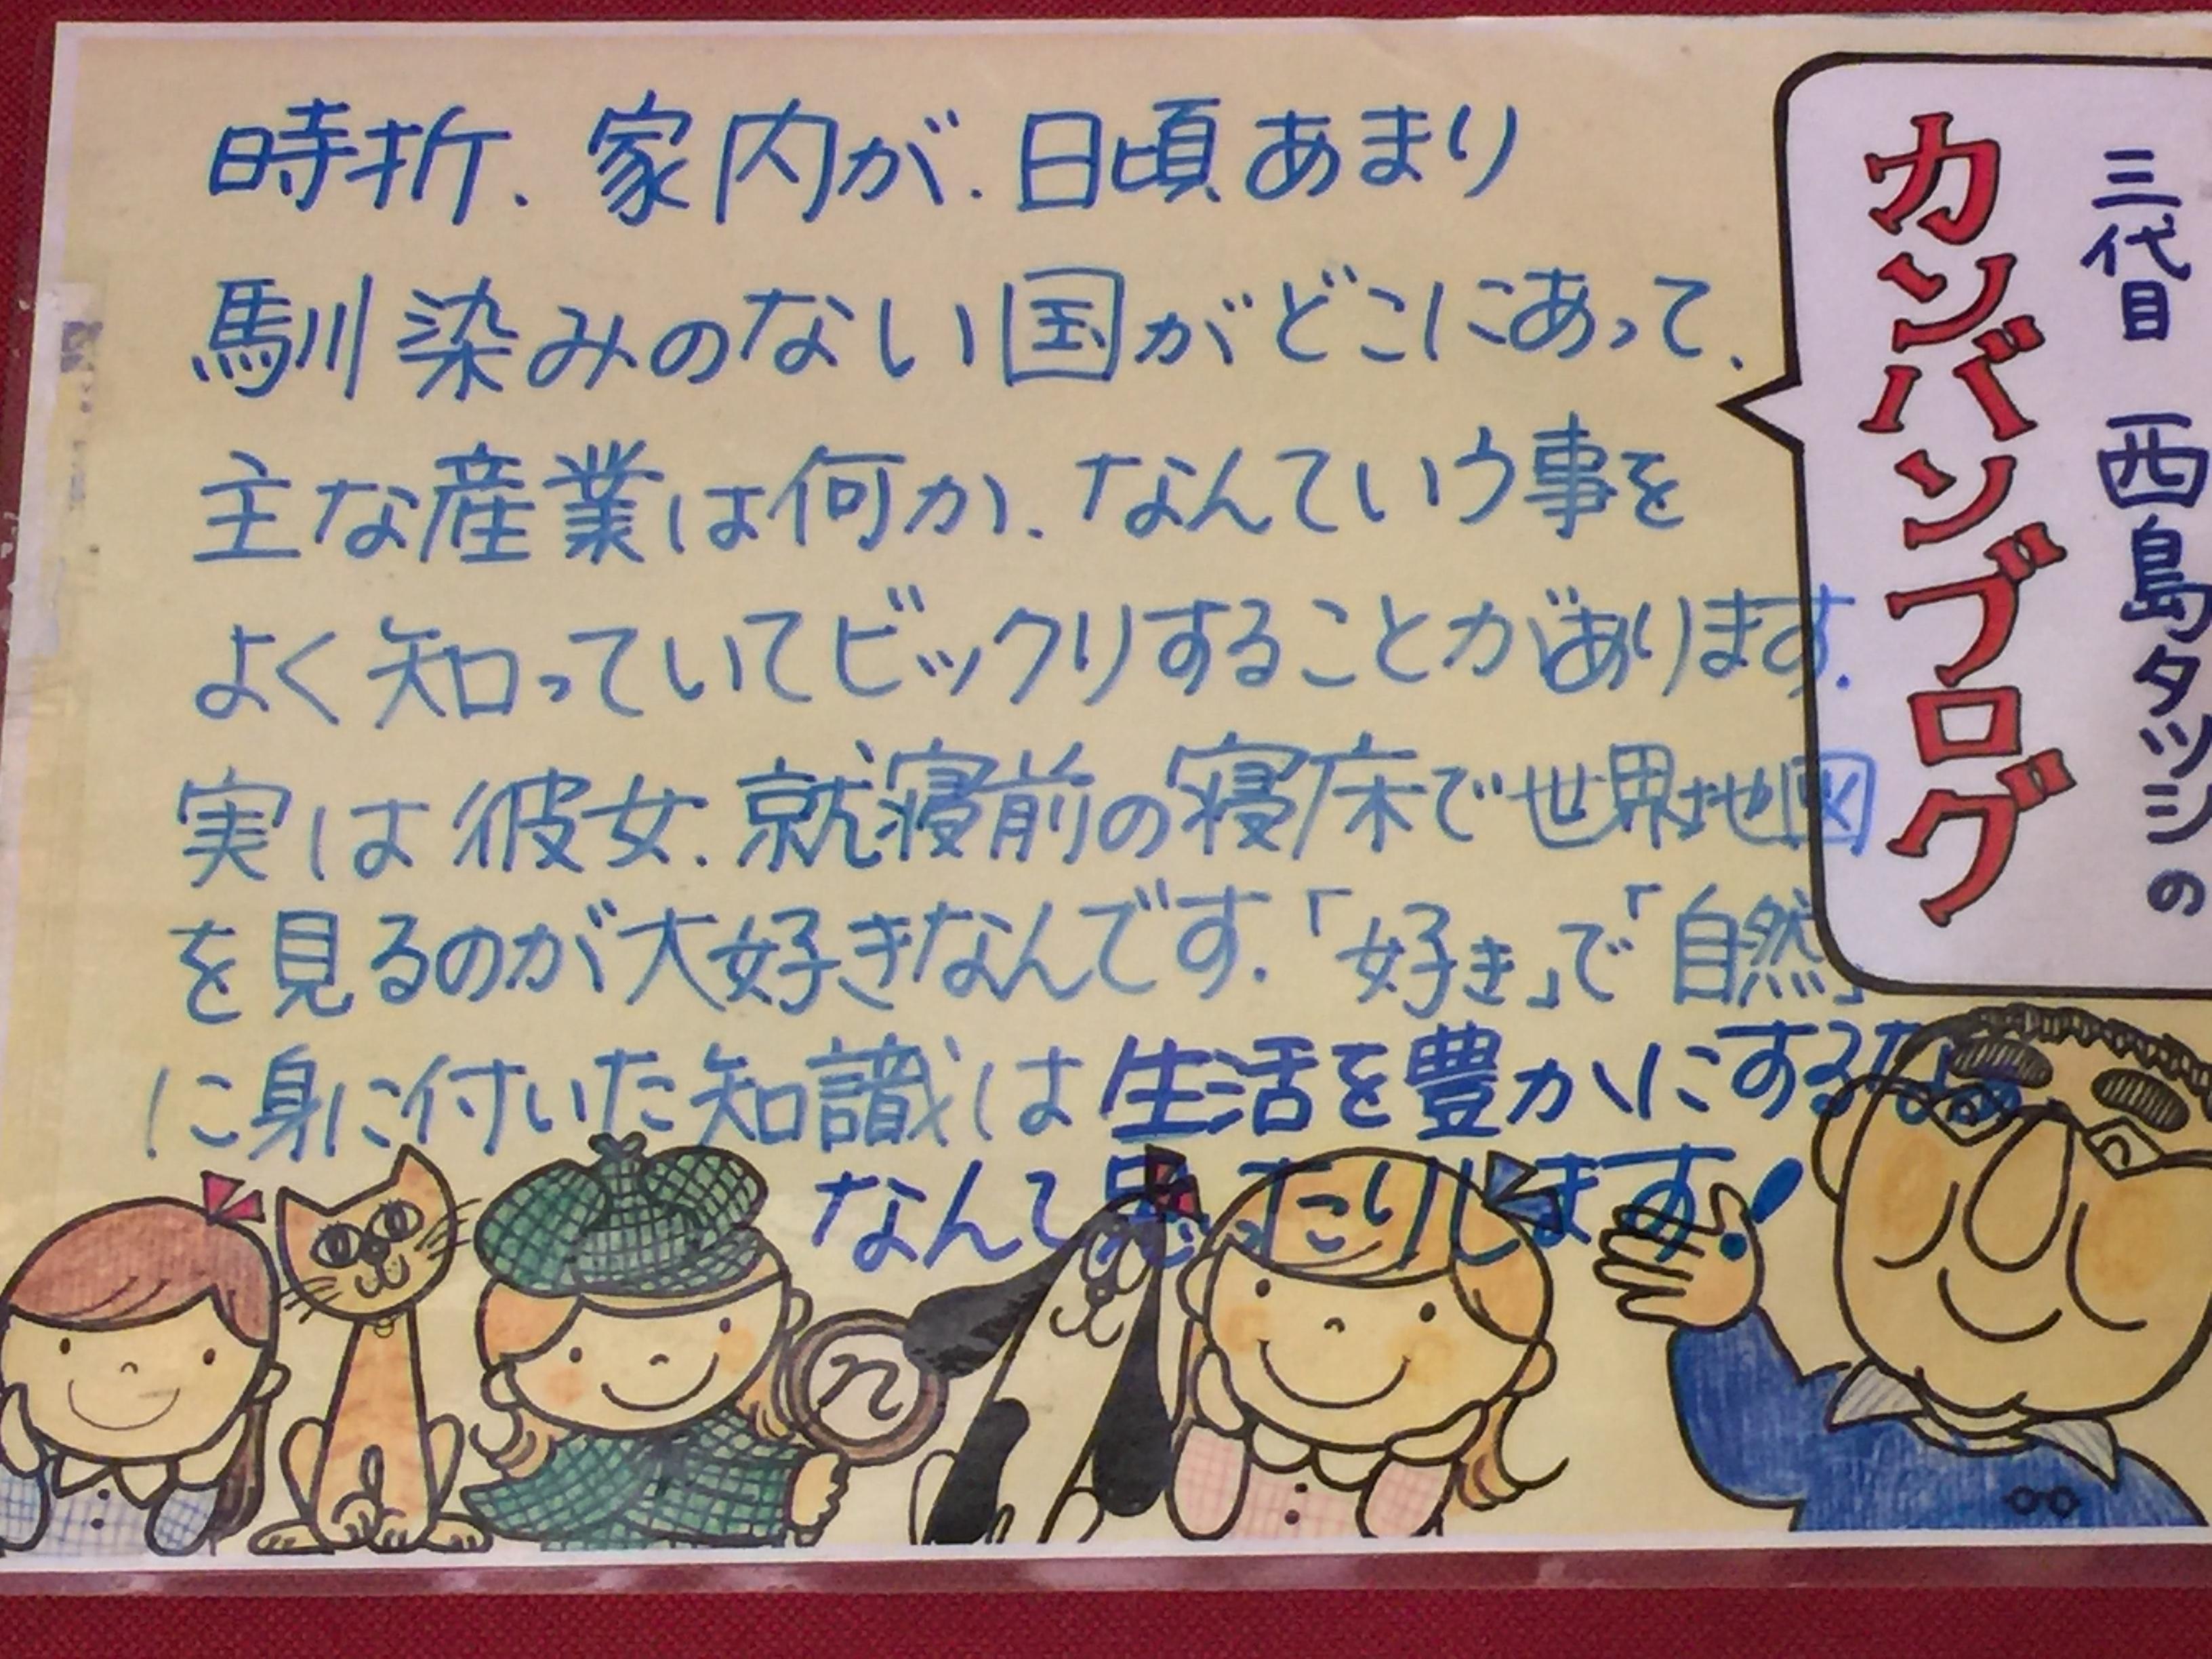 西島眼鏡店三代目タツシのカンバンブログ